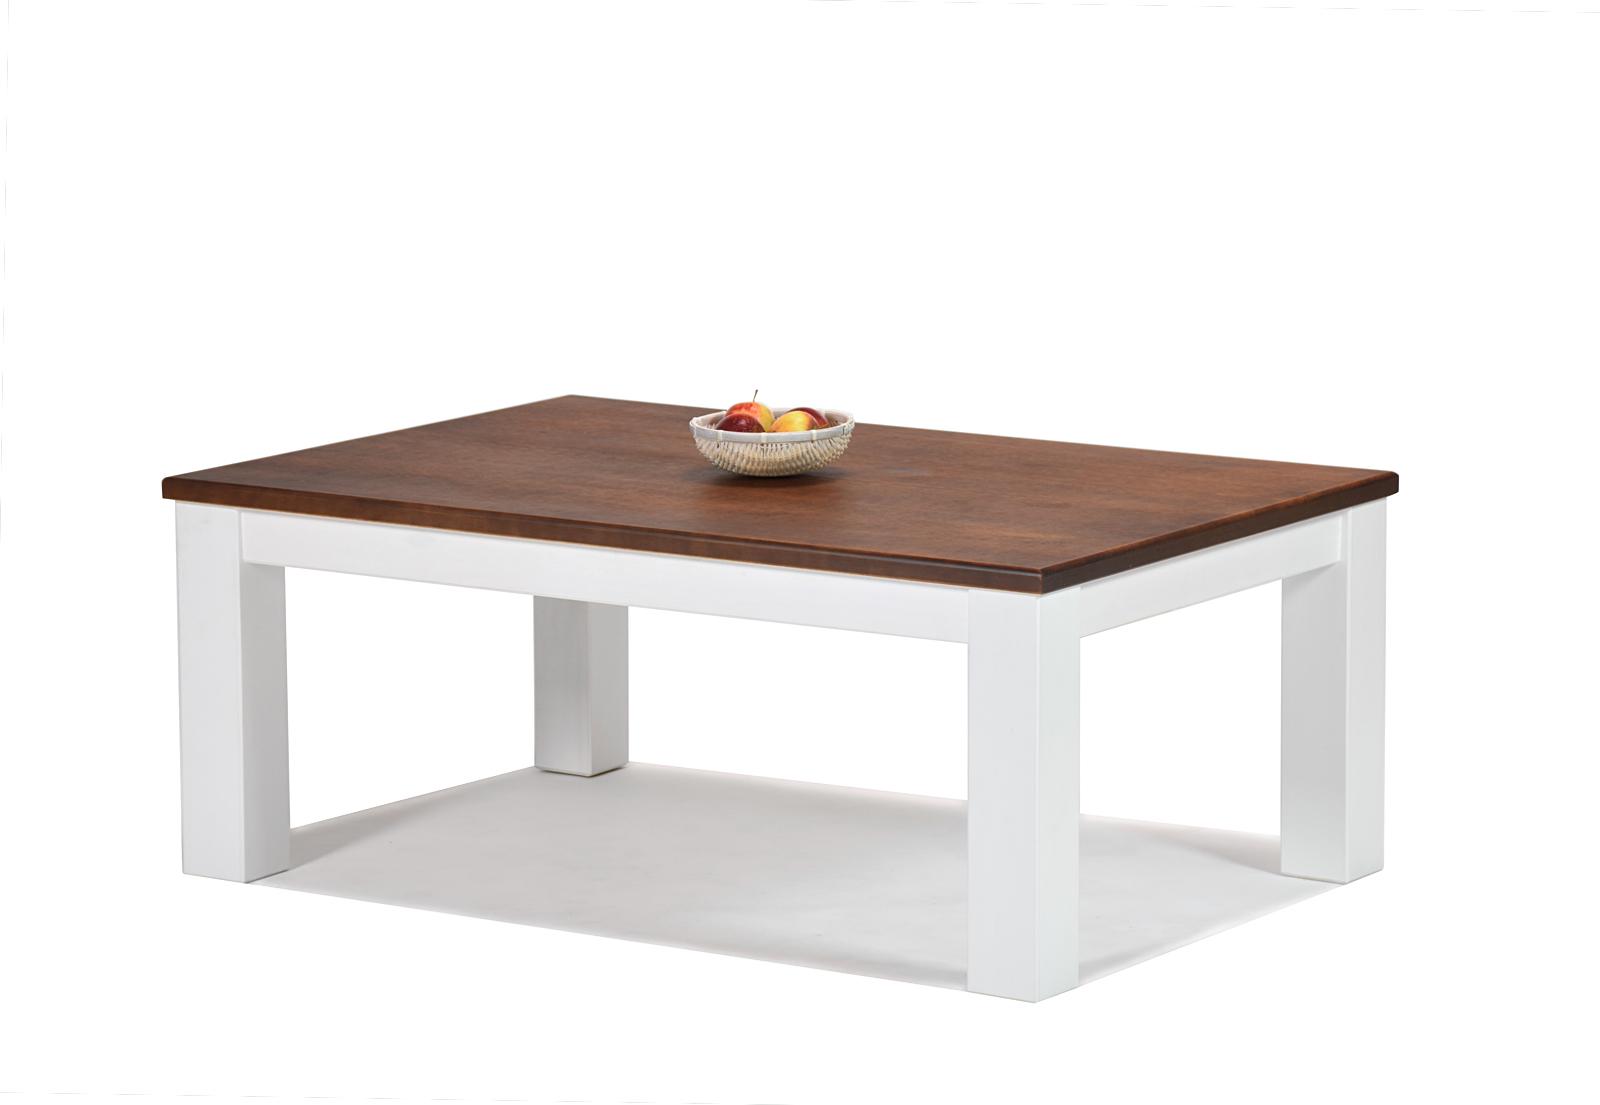 Couchtisch ,,Rio Landhaus,, Tisch 120x80cm Pinie Massivholz